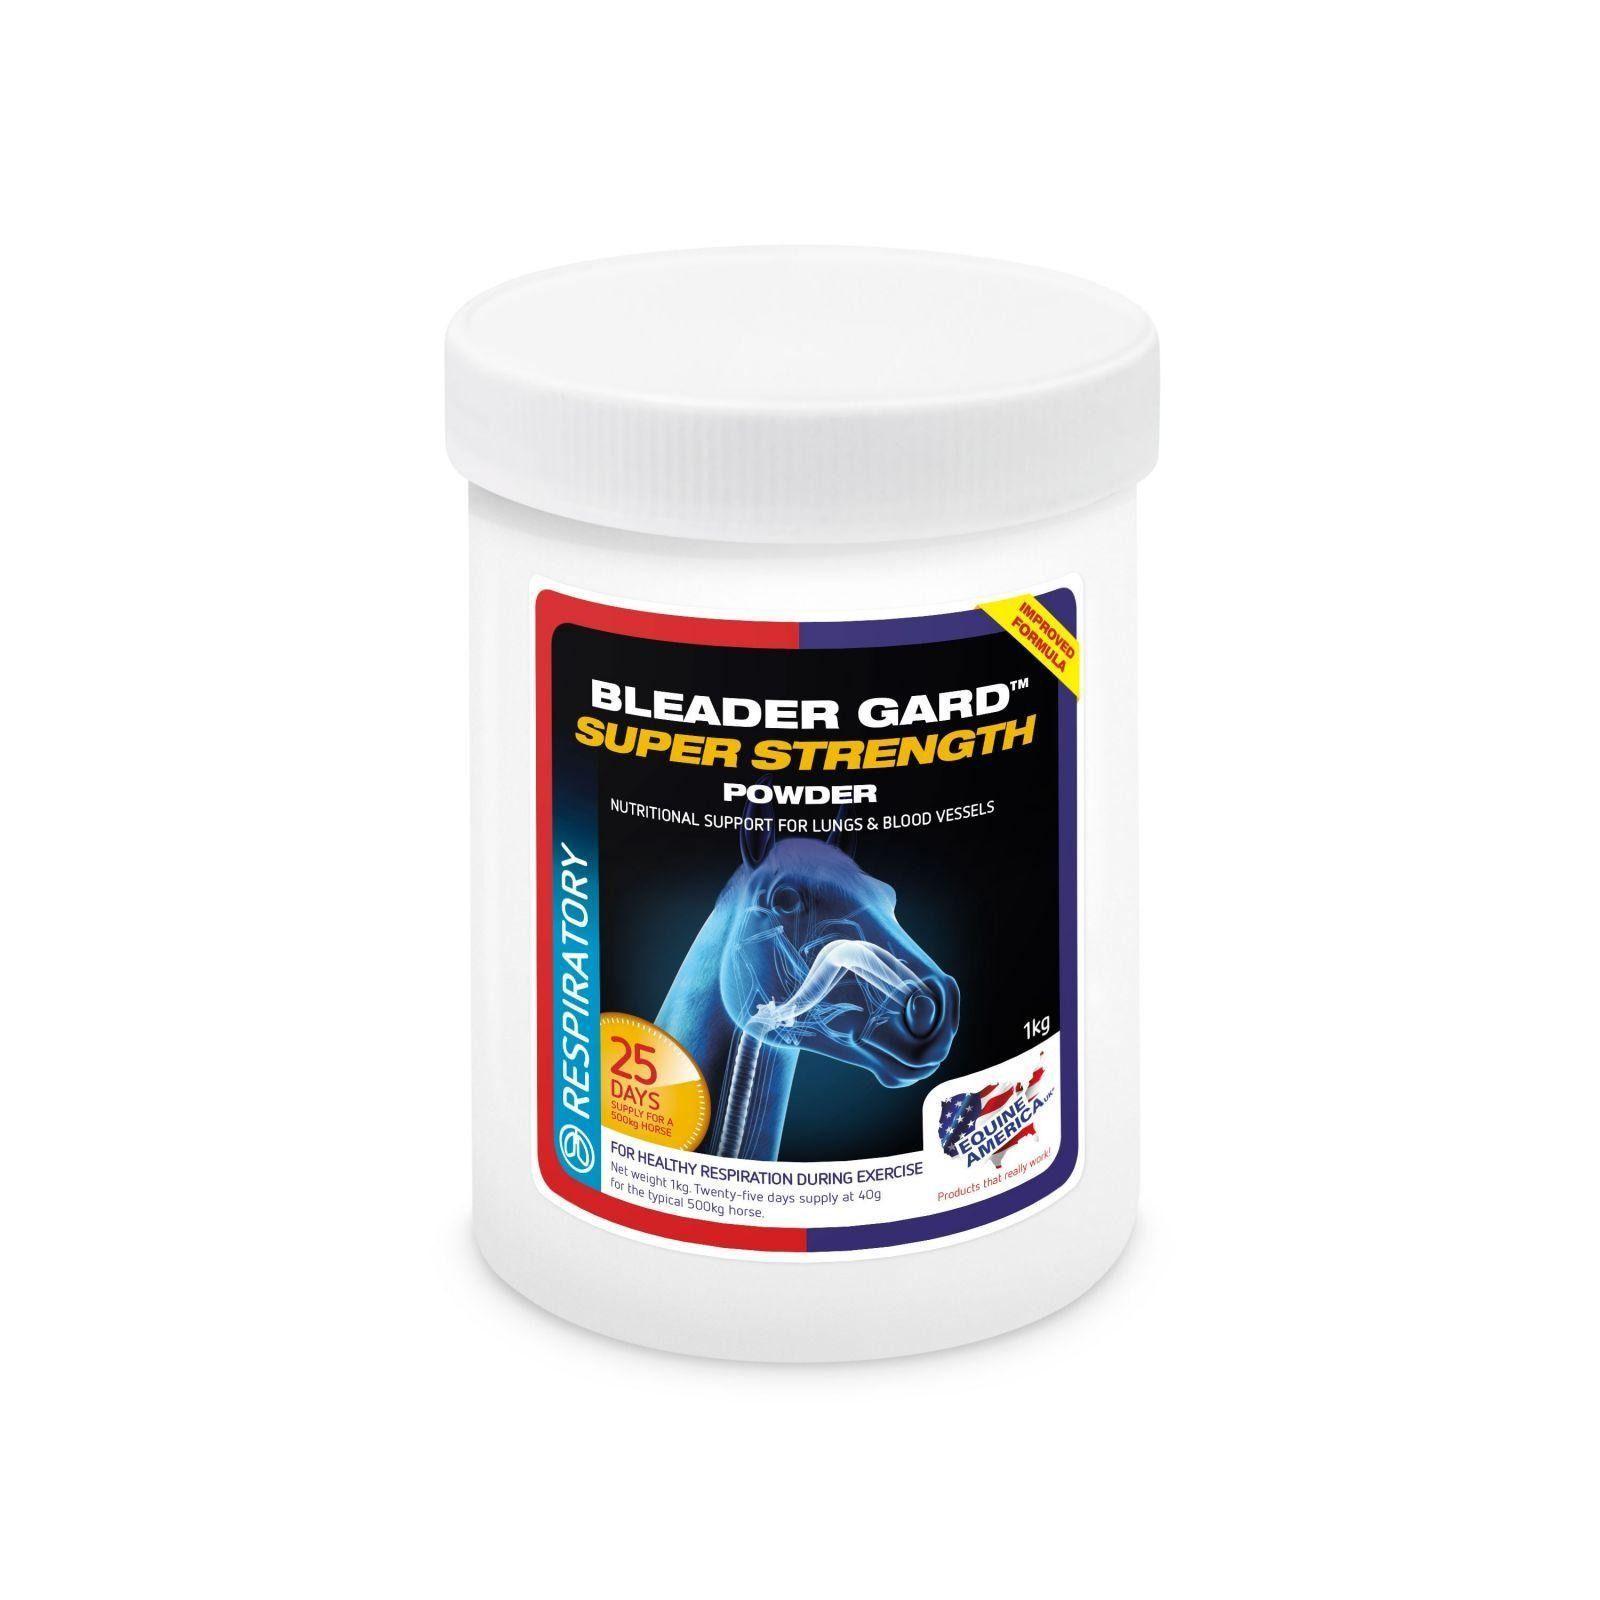 Bleader Gard Super Strength